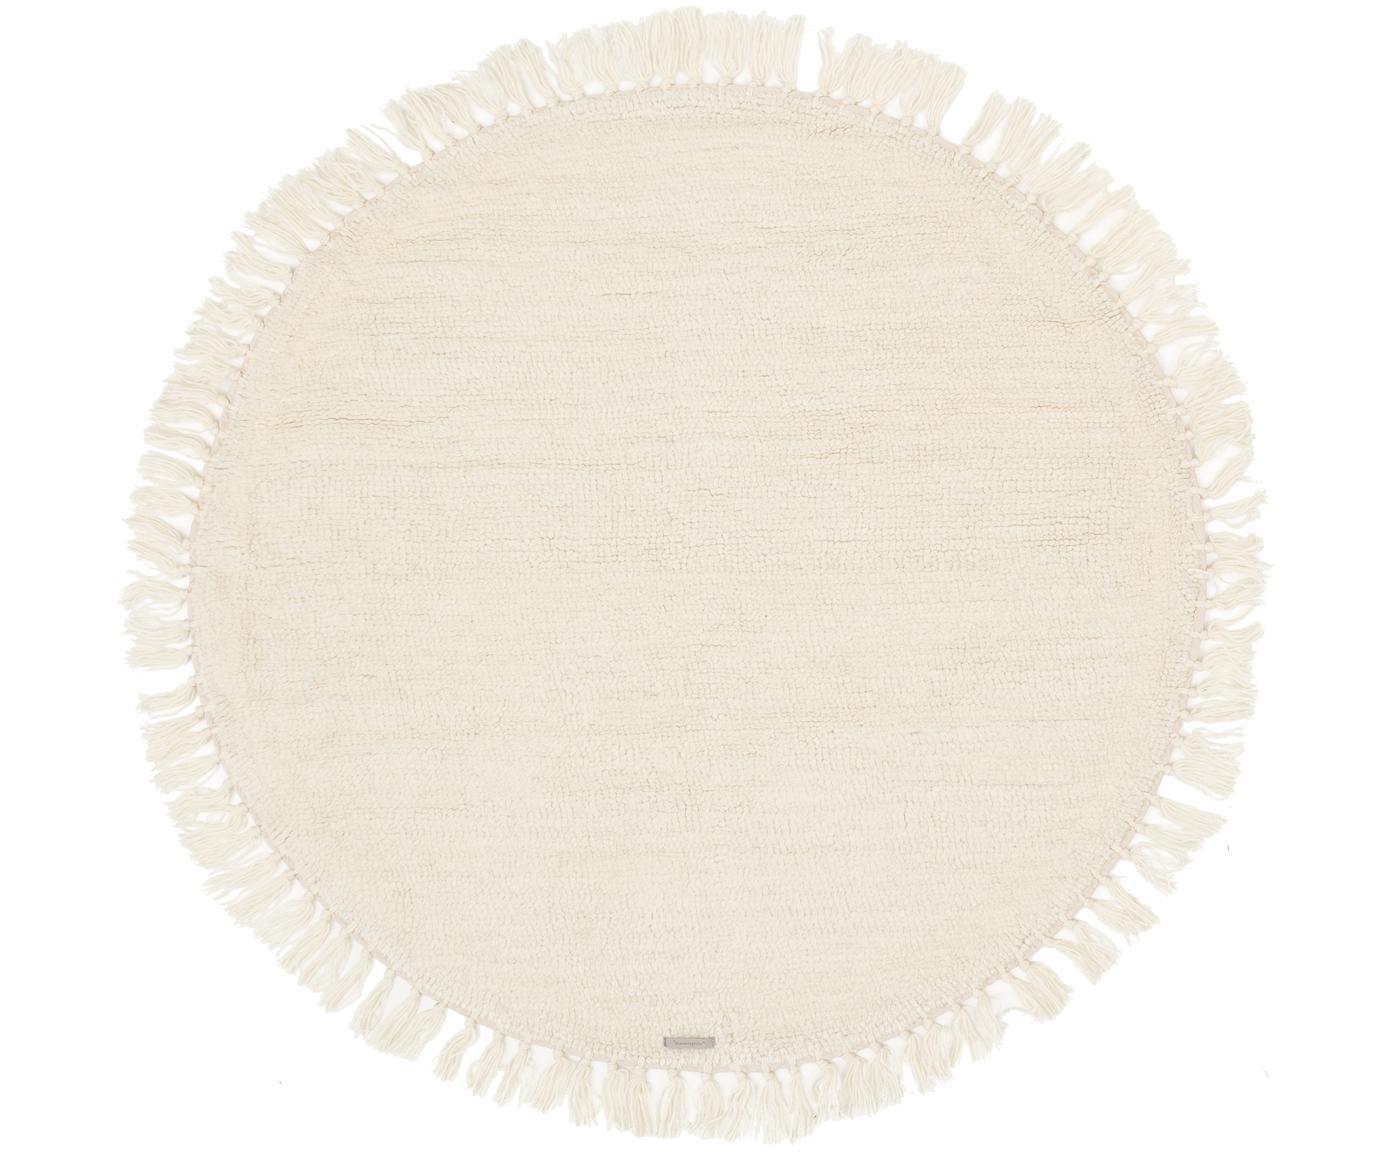 Tappeto in lana con frange Alma, Crema, Ø 126 cm (taglia M)